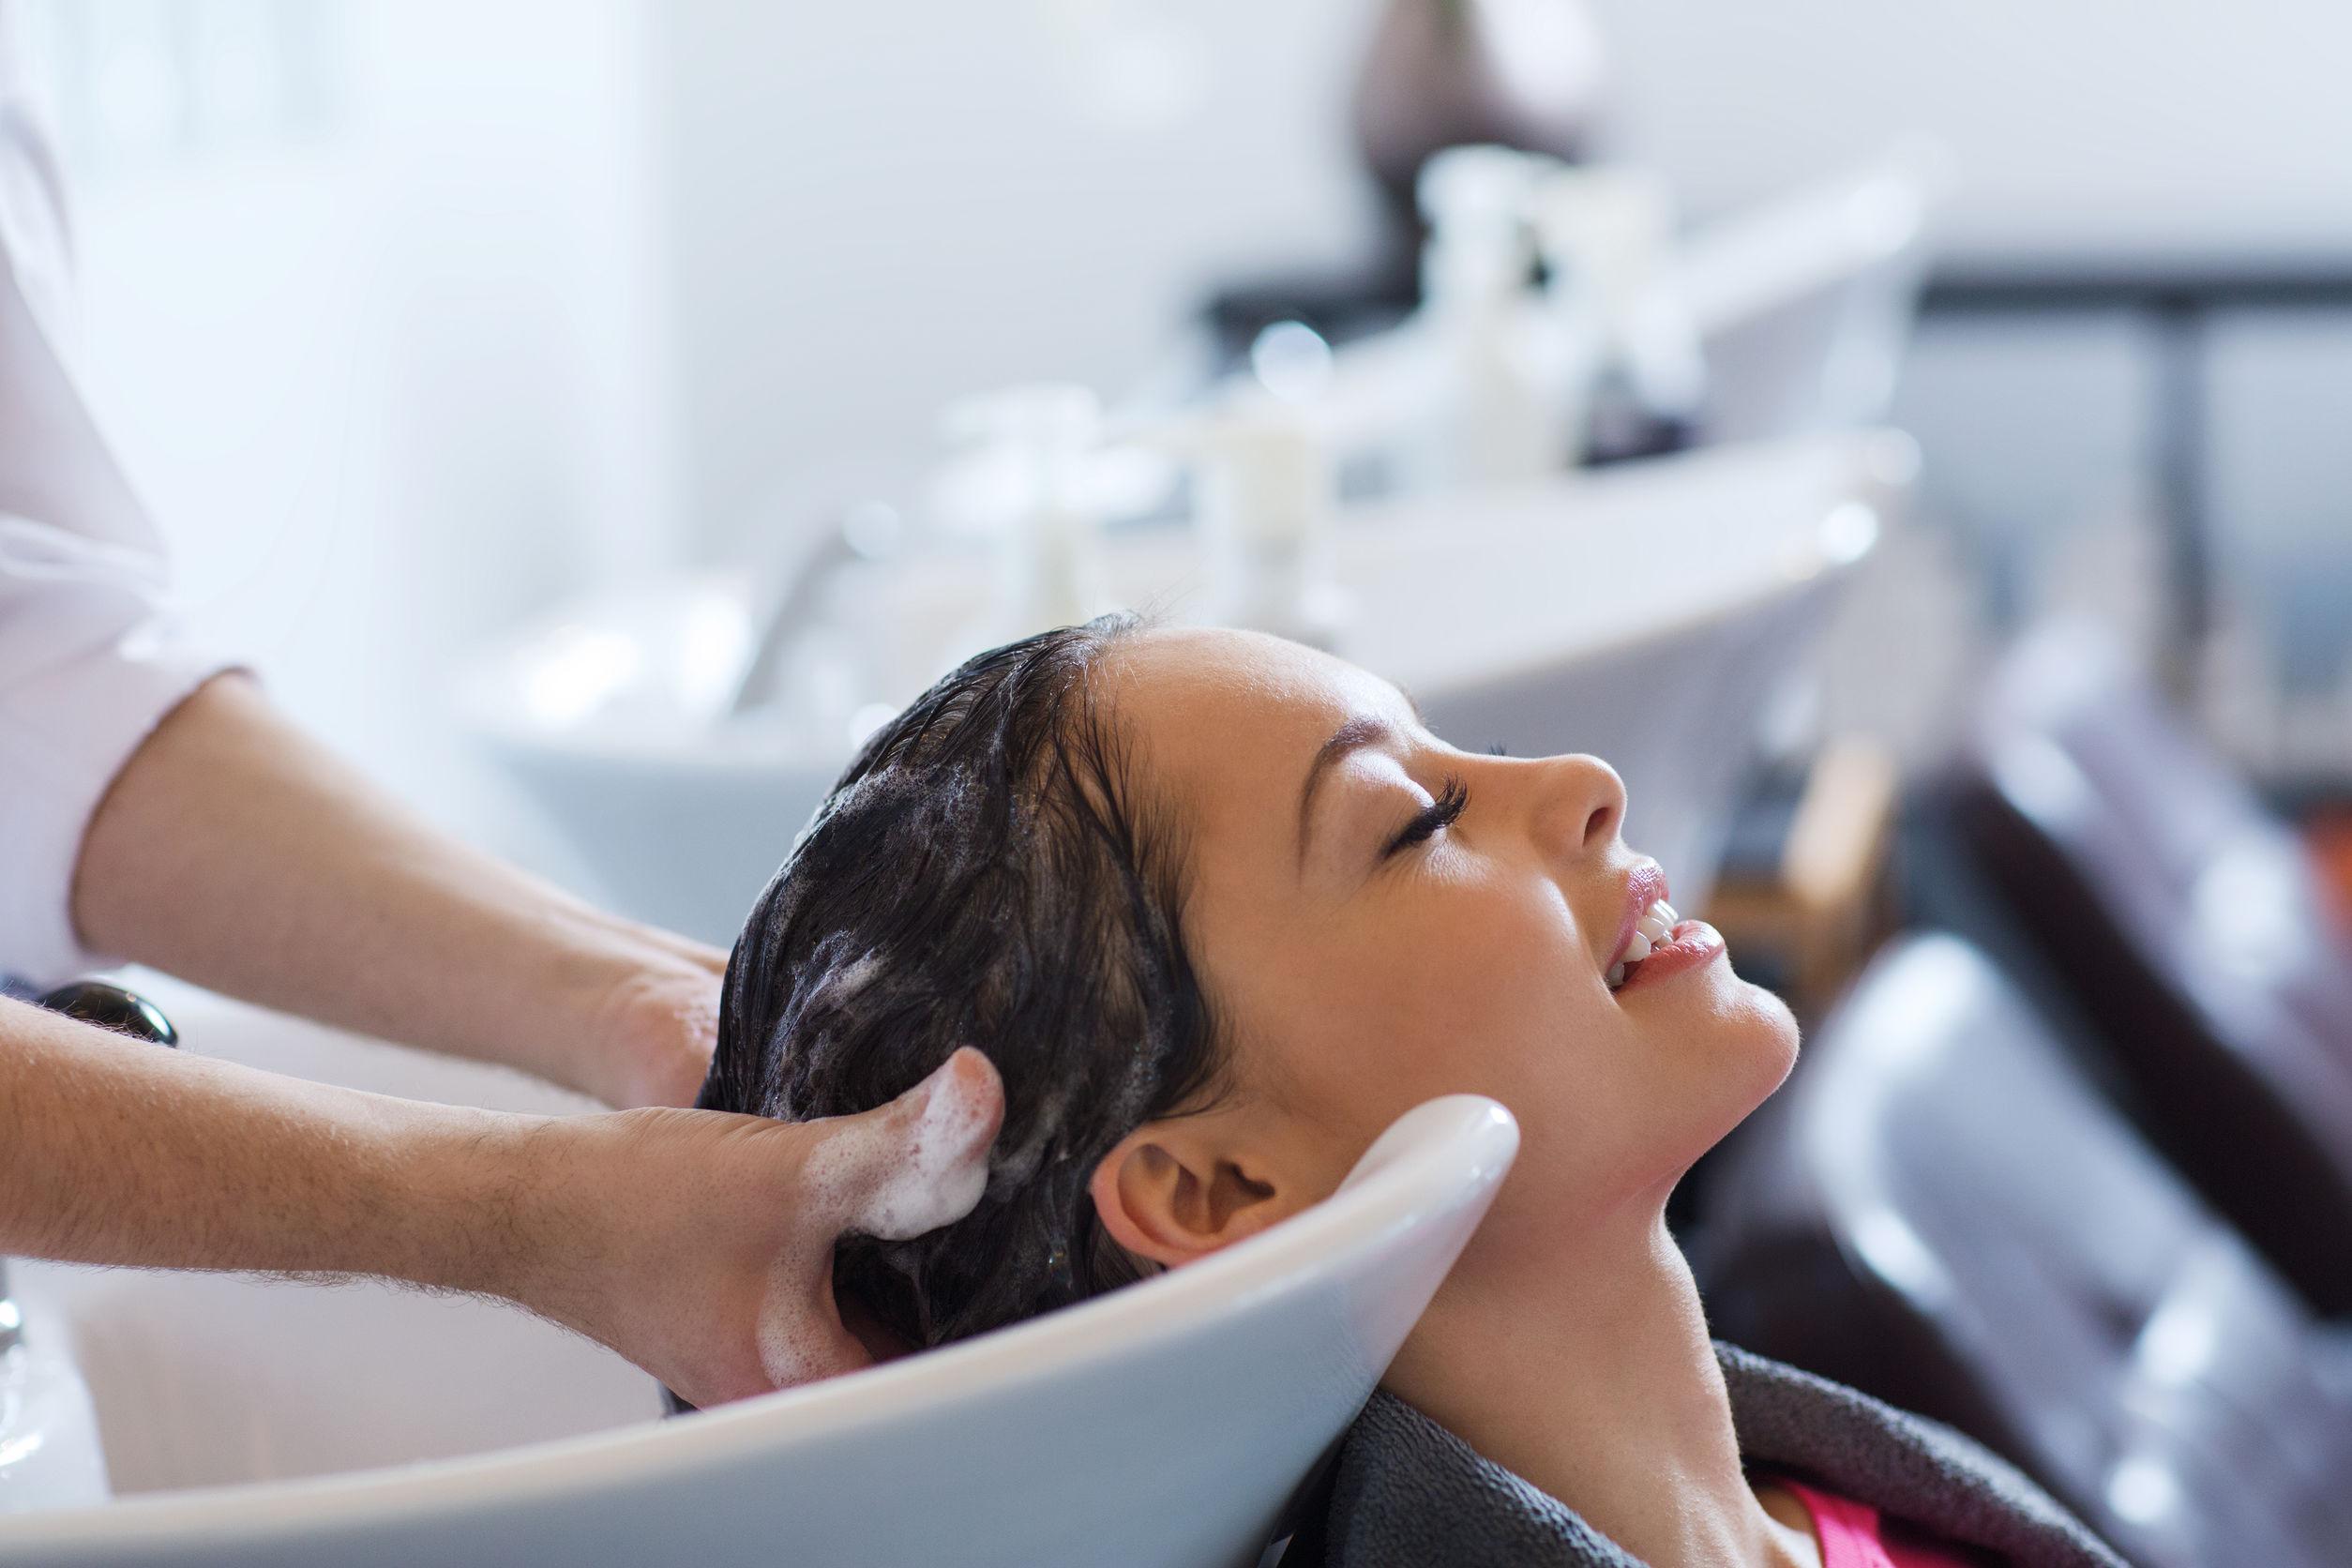 Miglior shampoo 2021: Guida all'acquisto